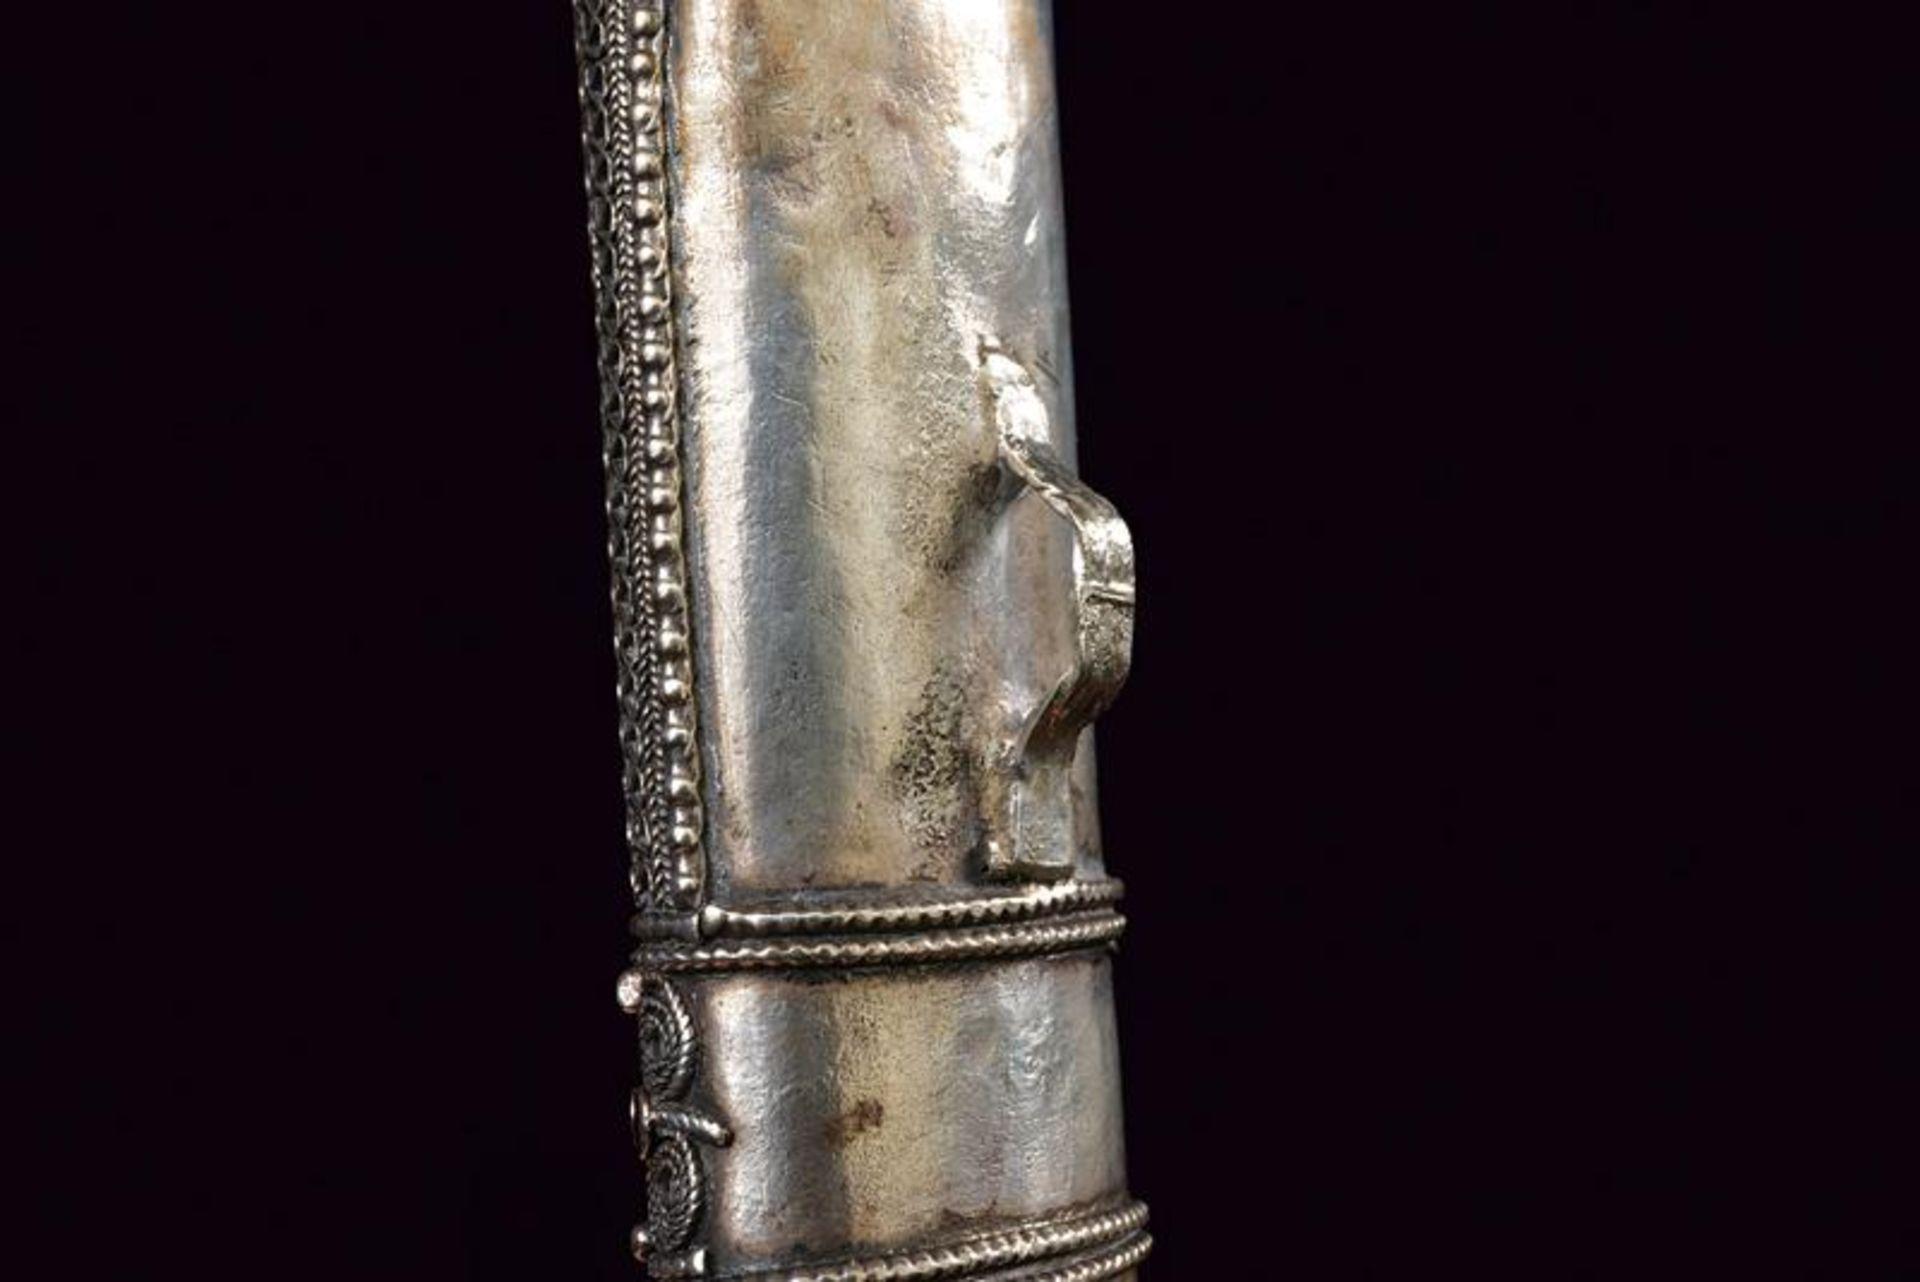 A silver scabbard